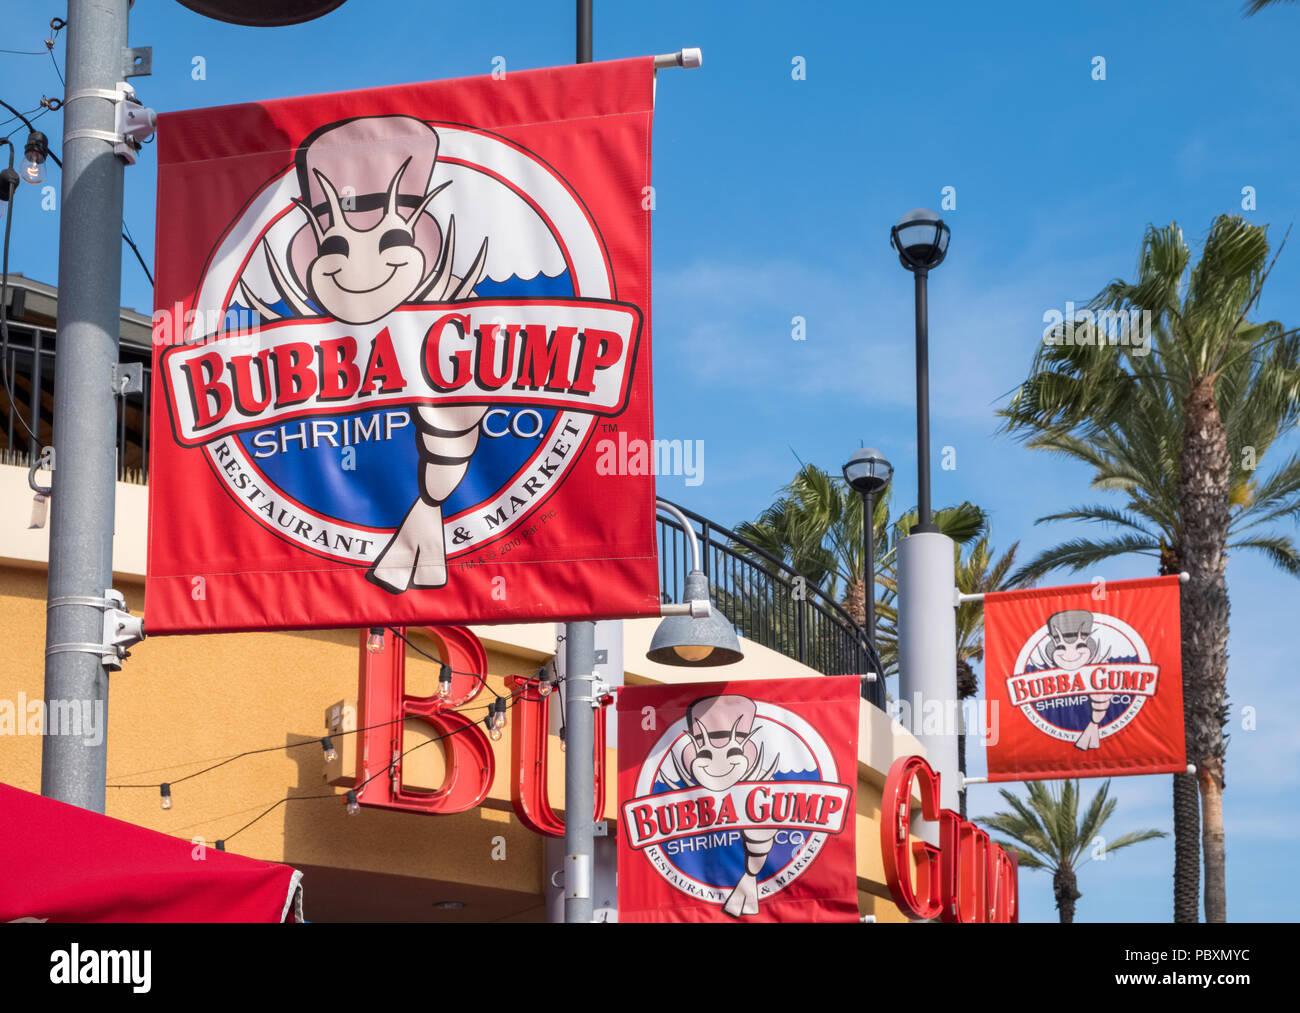 Segno del Logo per la Bubba Gump shrimp company ristorante della catena, California, CA, Stati Uniti d'America Immagini Stock